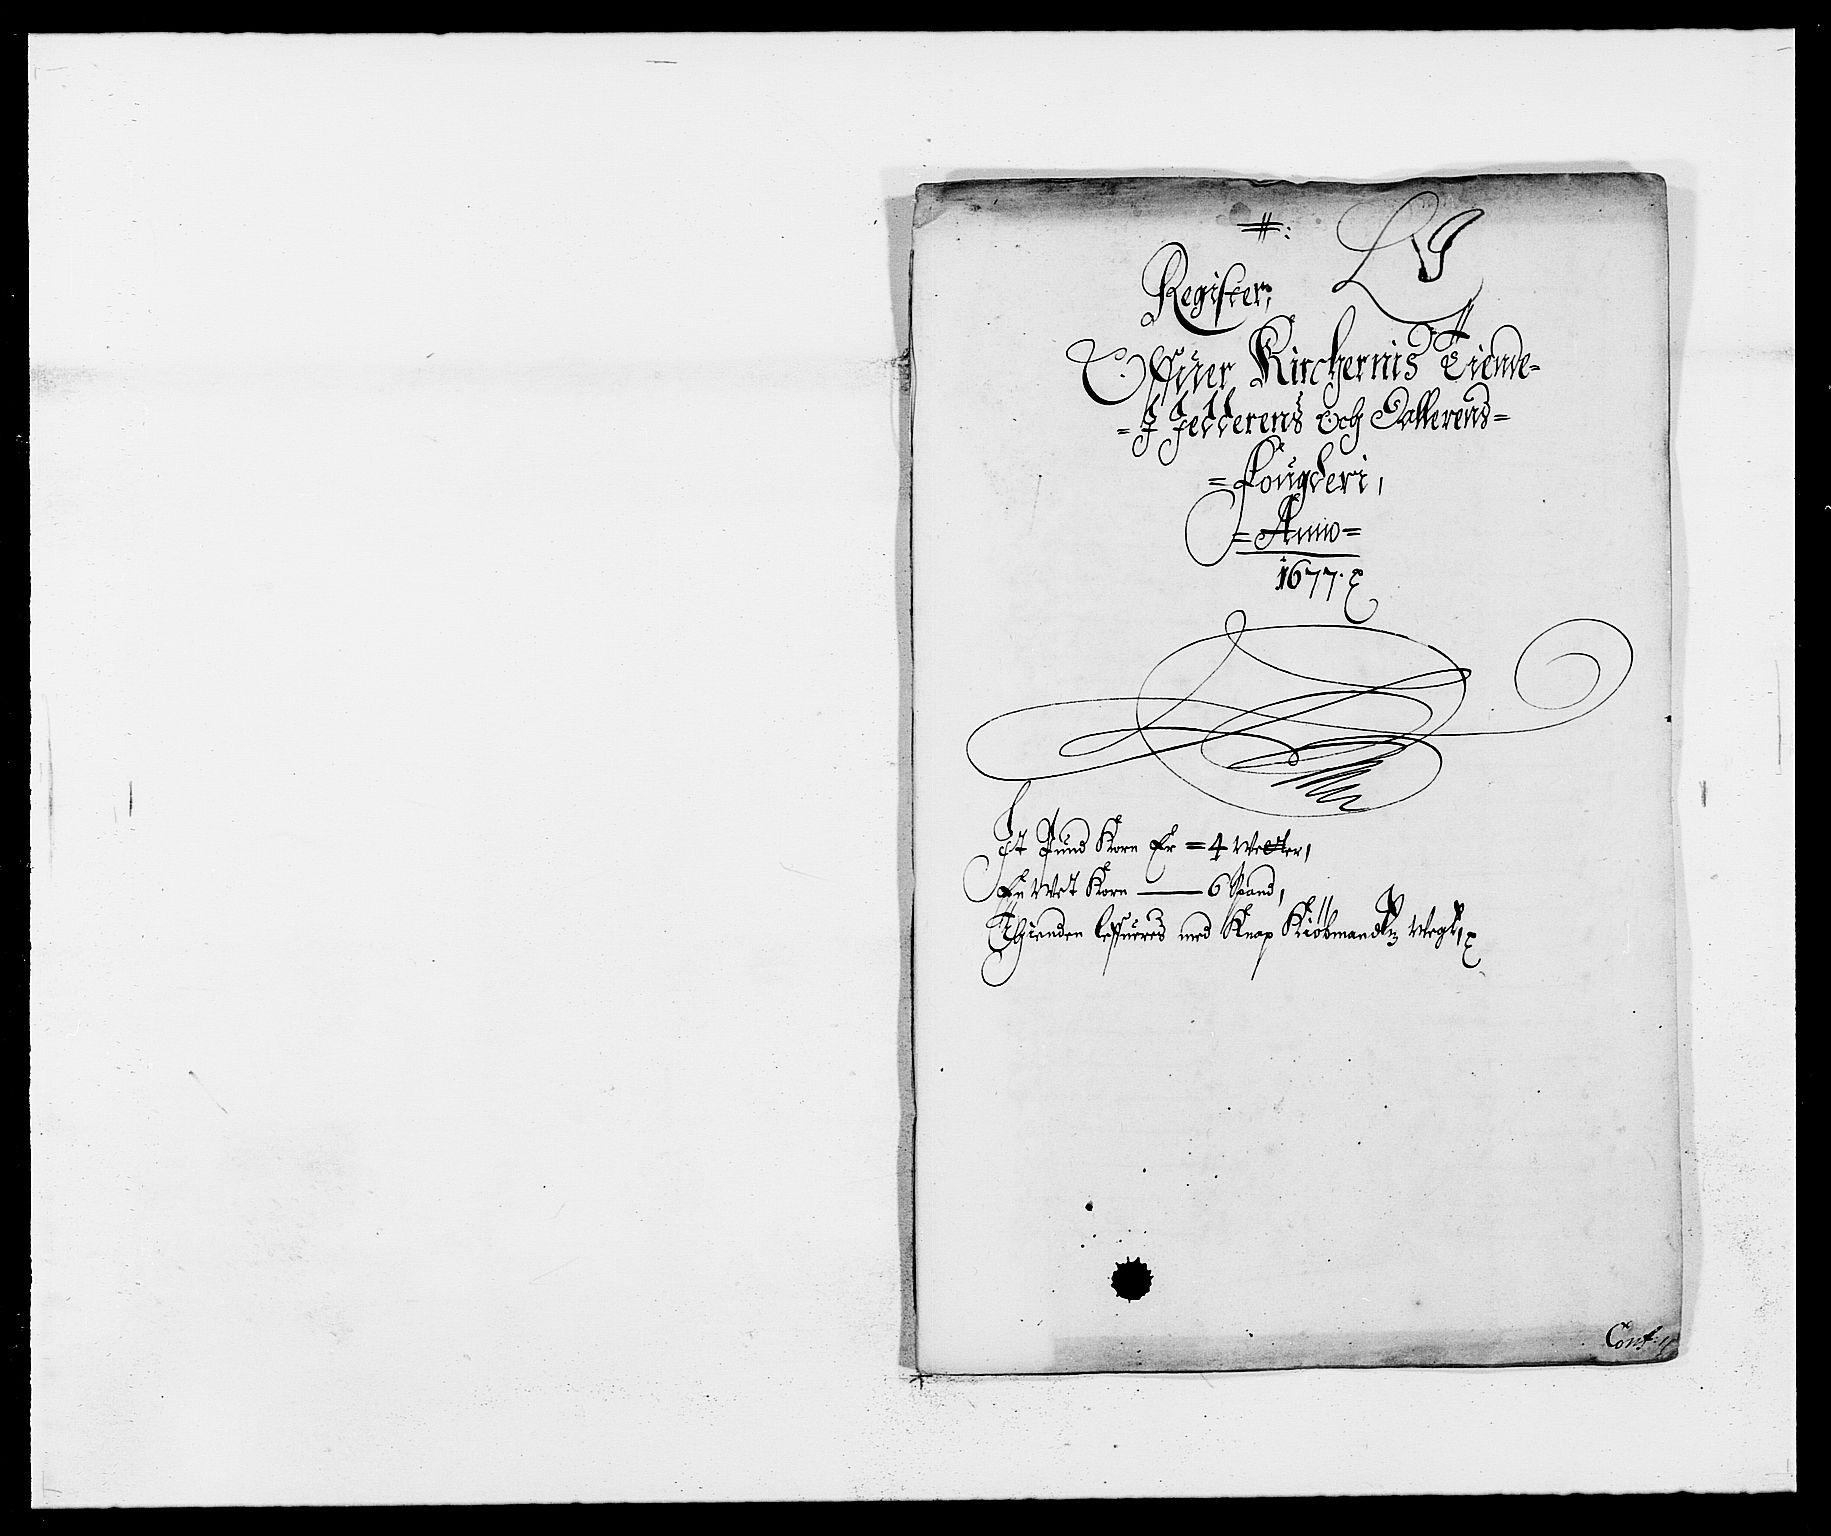 RA, Rentekammeret inntil 1814, Reviderte regnskaper, Fogderegnskap, R46/L2717: Fogderegnskap Jæren og Dalane, 1677, s. 261